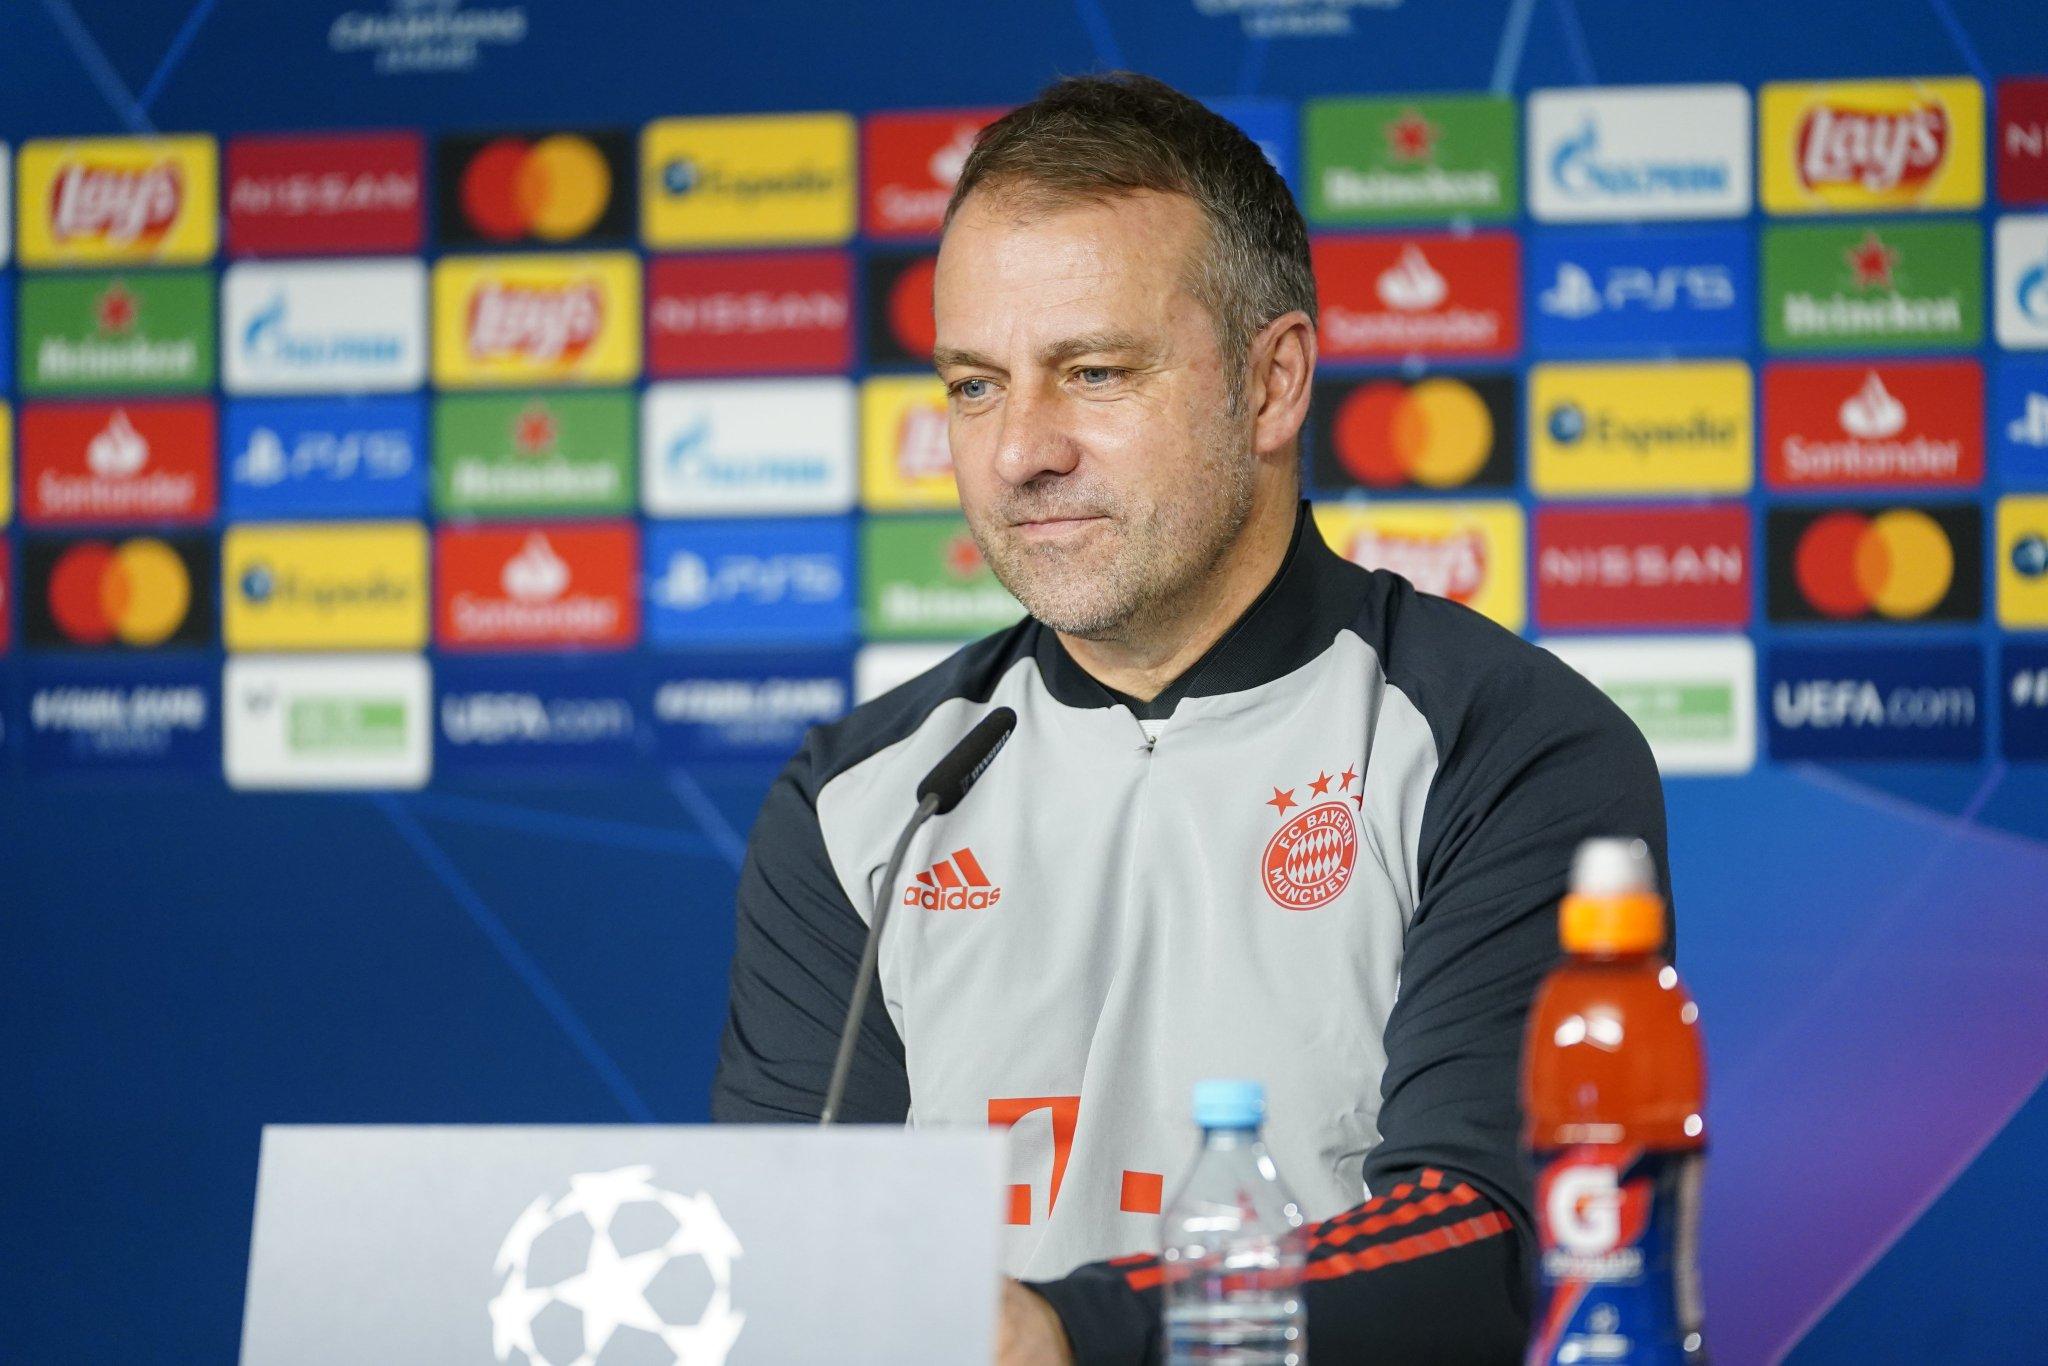 Flick, entrenador del Bayern, en sala de prensa.